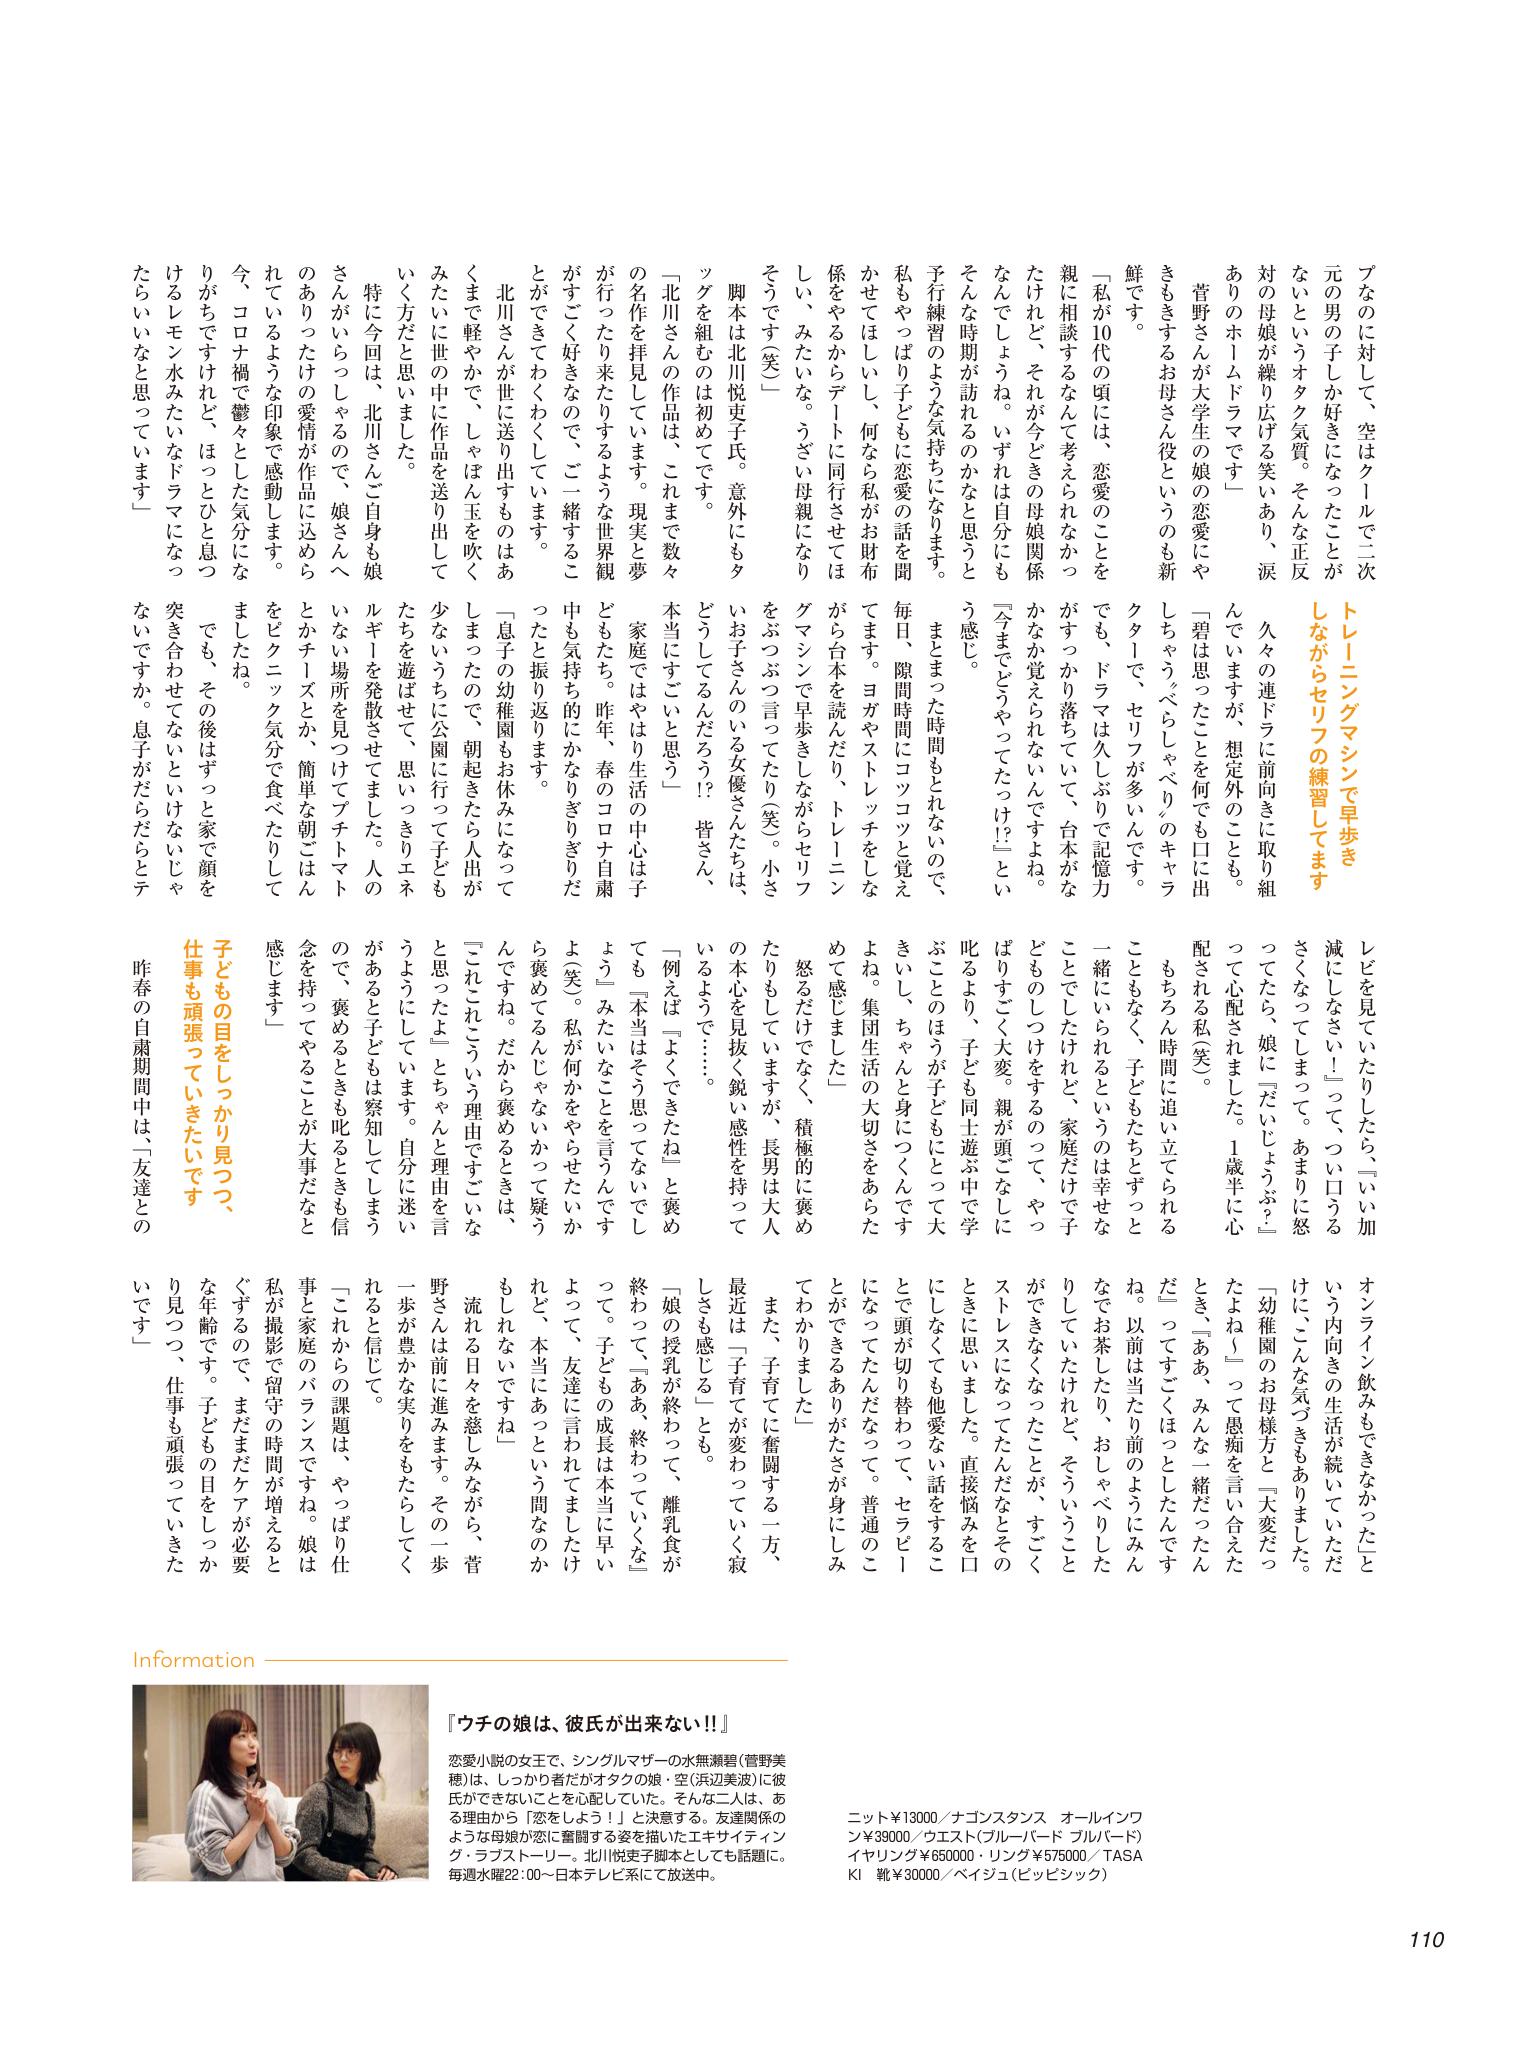 宫泽理惠 × 菅野美穗